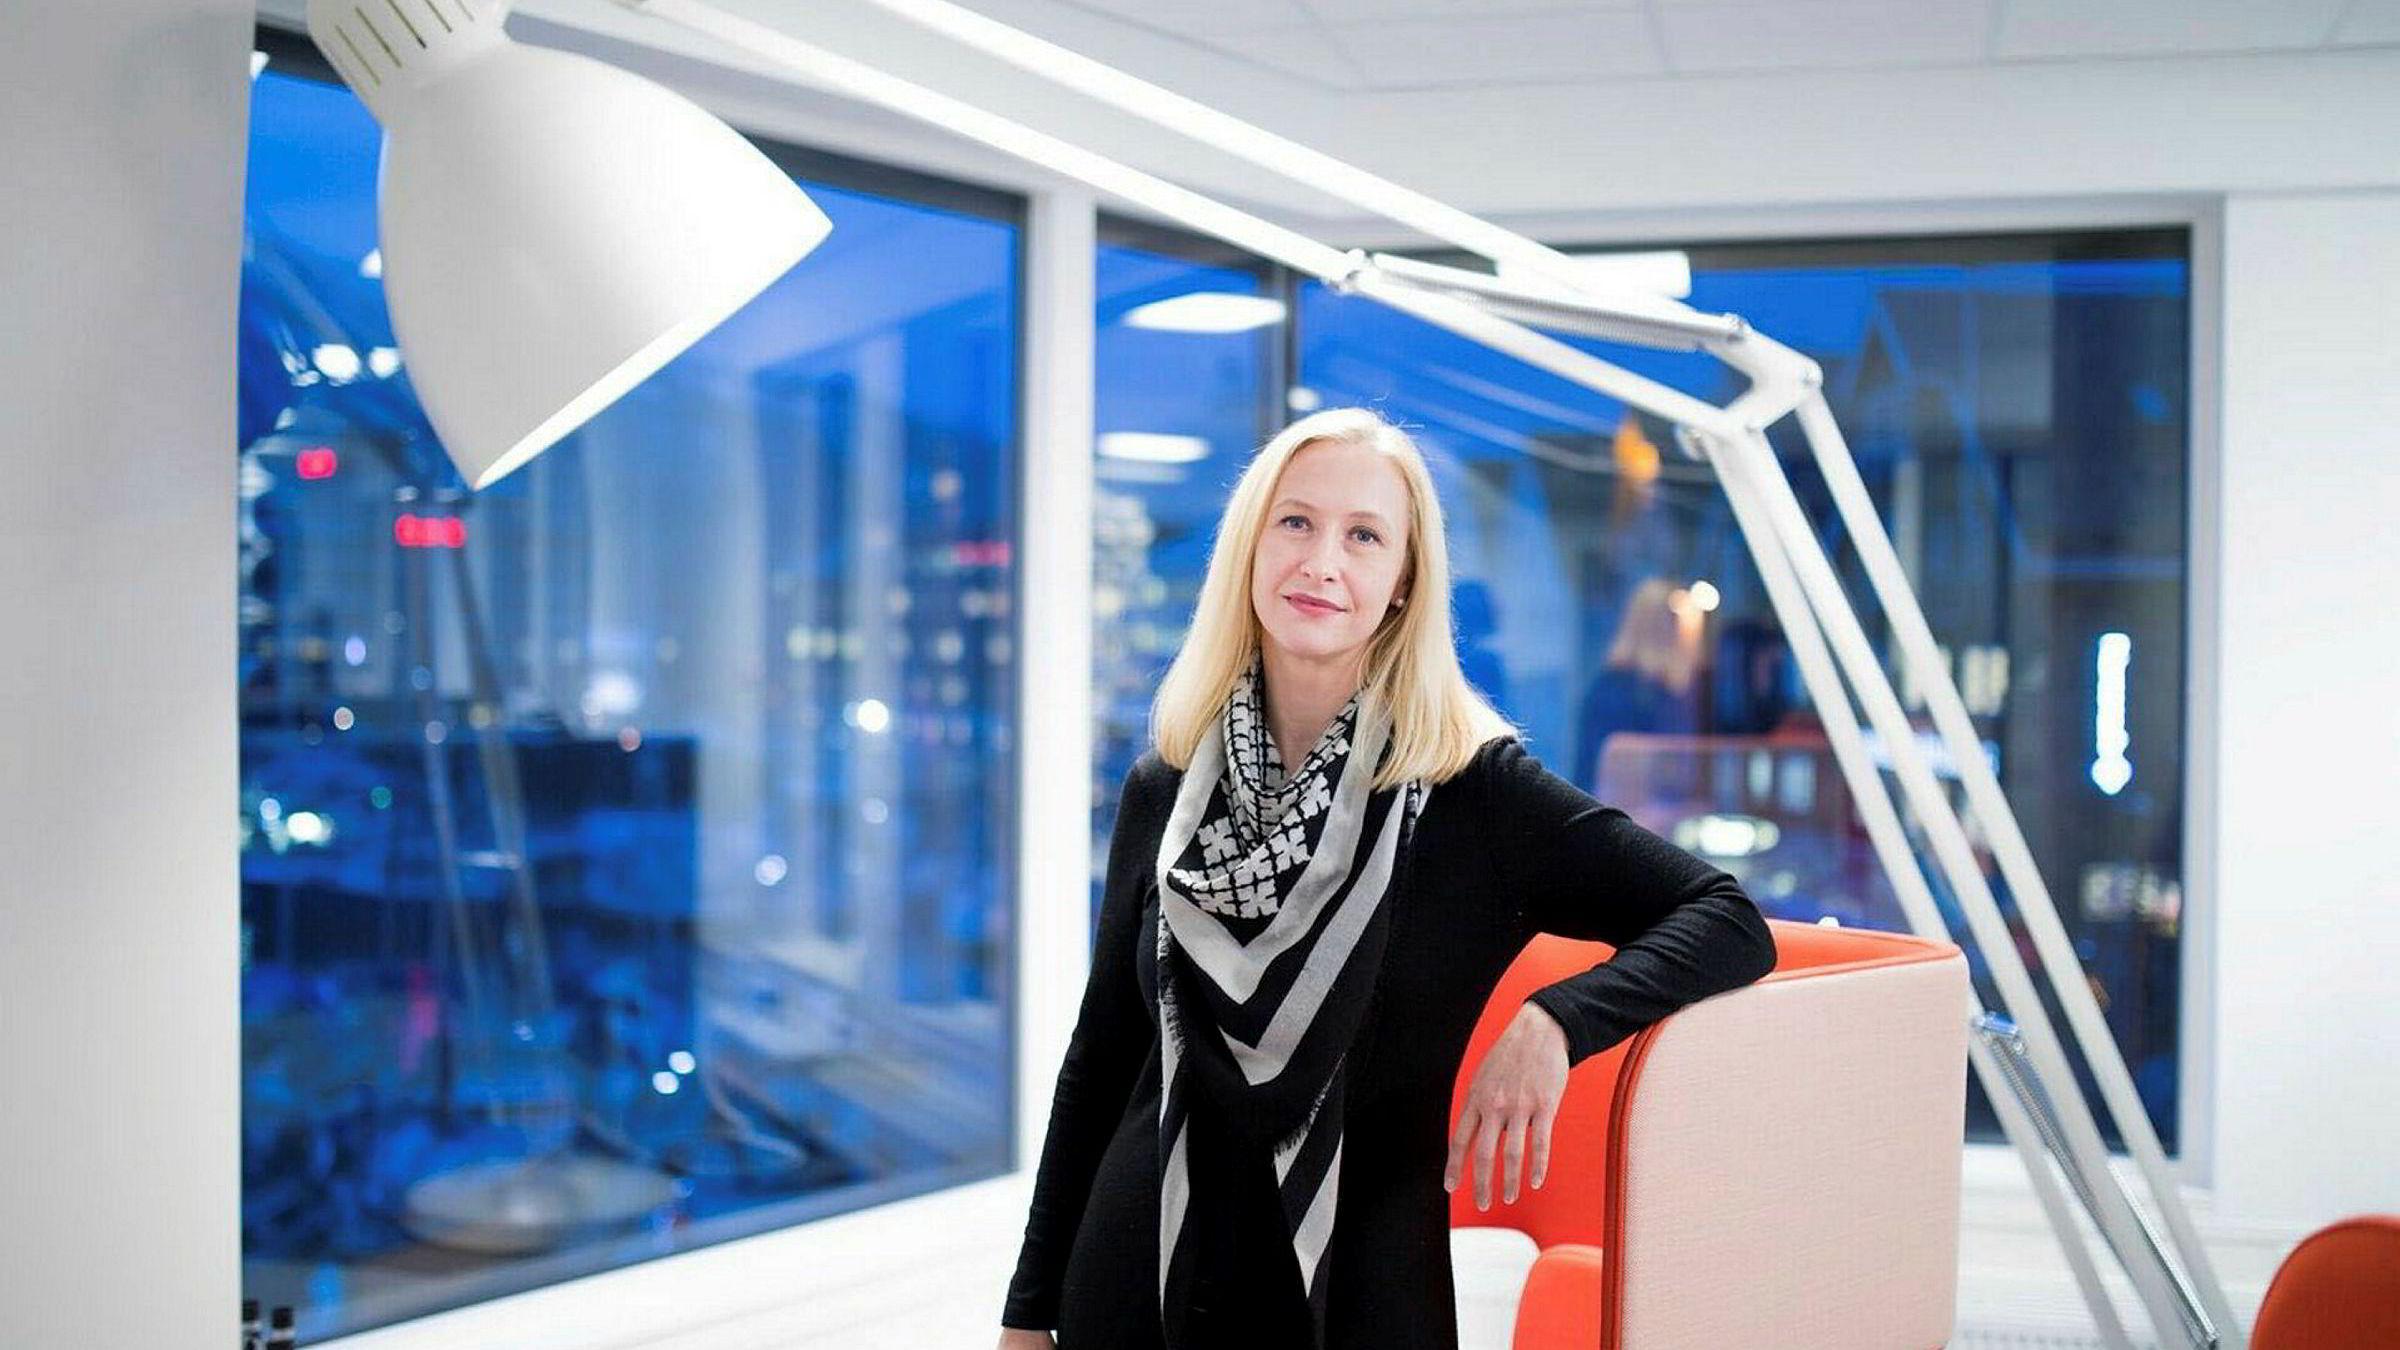 Administrerende direktør Renate Larsen i Norges sjømatråd erkjenner at rådet i en periode ikke har gått i takt med næringen.